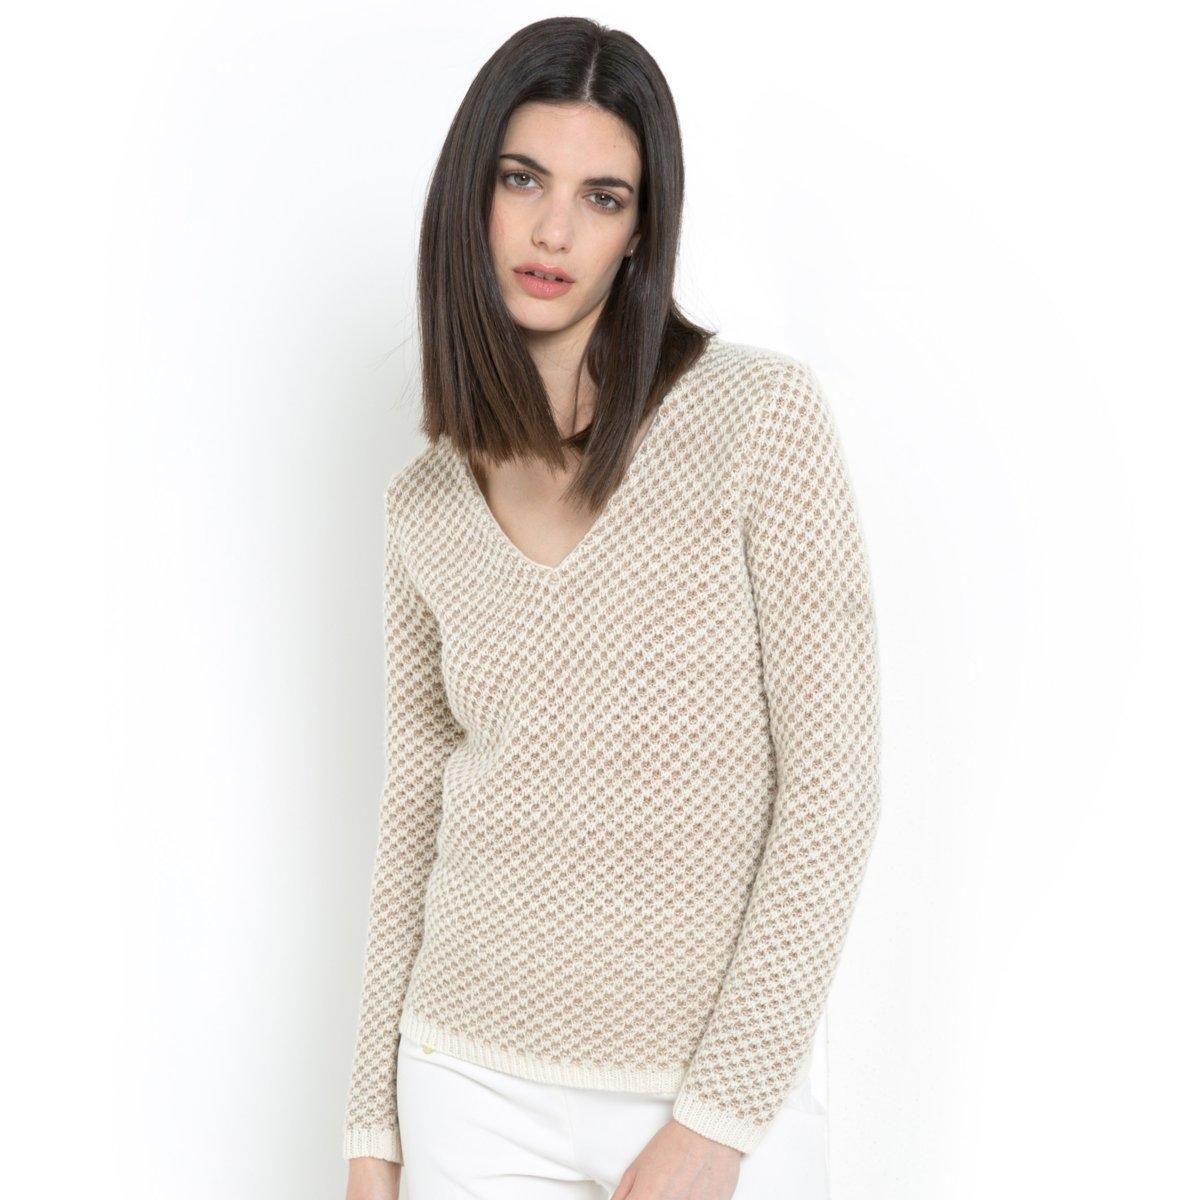 Пуловер с V-образным вырезомПуловер с длинными рукавами и V-образным вырезом. Грубая вязка. Оригинальный трикотаж из 45% акрила, 24% шерсти альпаки, 22% шерсти, 6% полиэстера, 3% металлических нитей. Длина 64 см. LAURA CLEMENT.<br><br>Цвет: коричневый меланж<br>Размер: 46/48 (FR) - 52/54 (RUS)